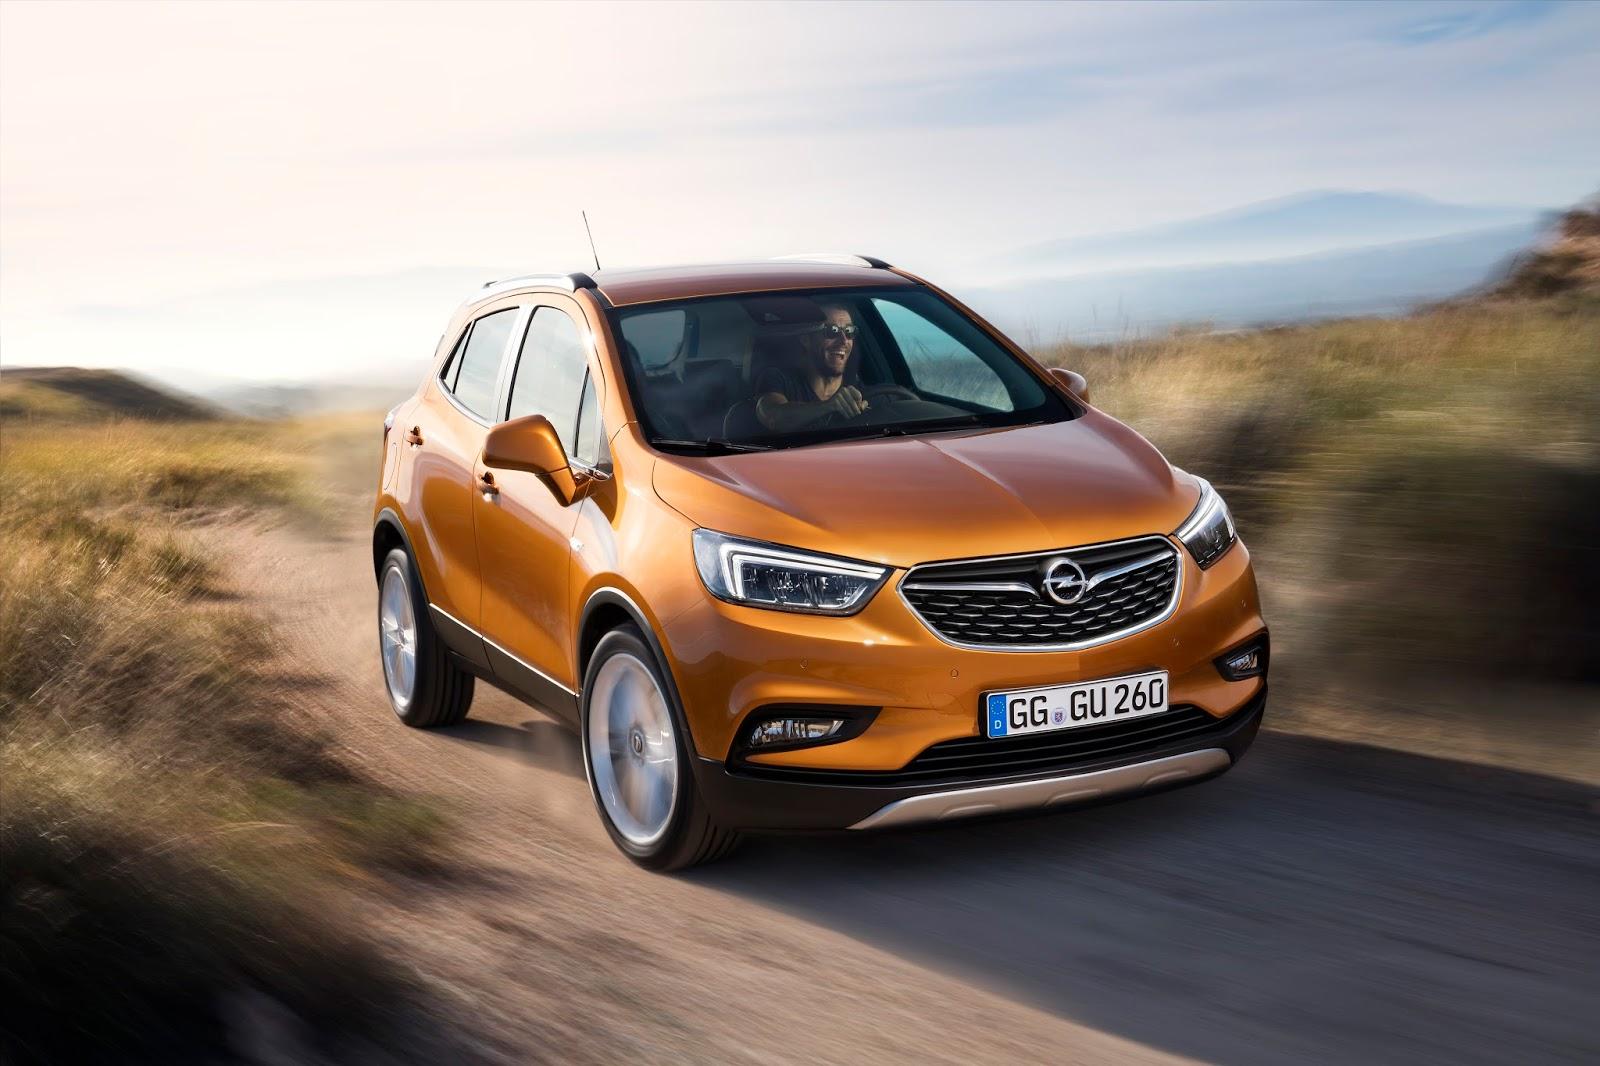 Opel Mokka X 299139 Το Νέο Opel Mokka X έρχεται με τετρακίνηση και 152 ίππους από τον 1.4 Direct Injection Turbo compact SUV, Opel, Opel Mokka, SUV